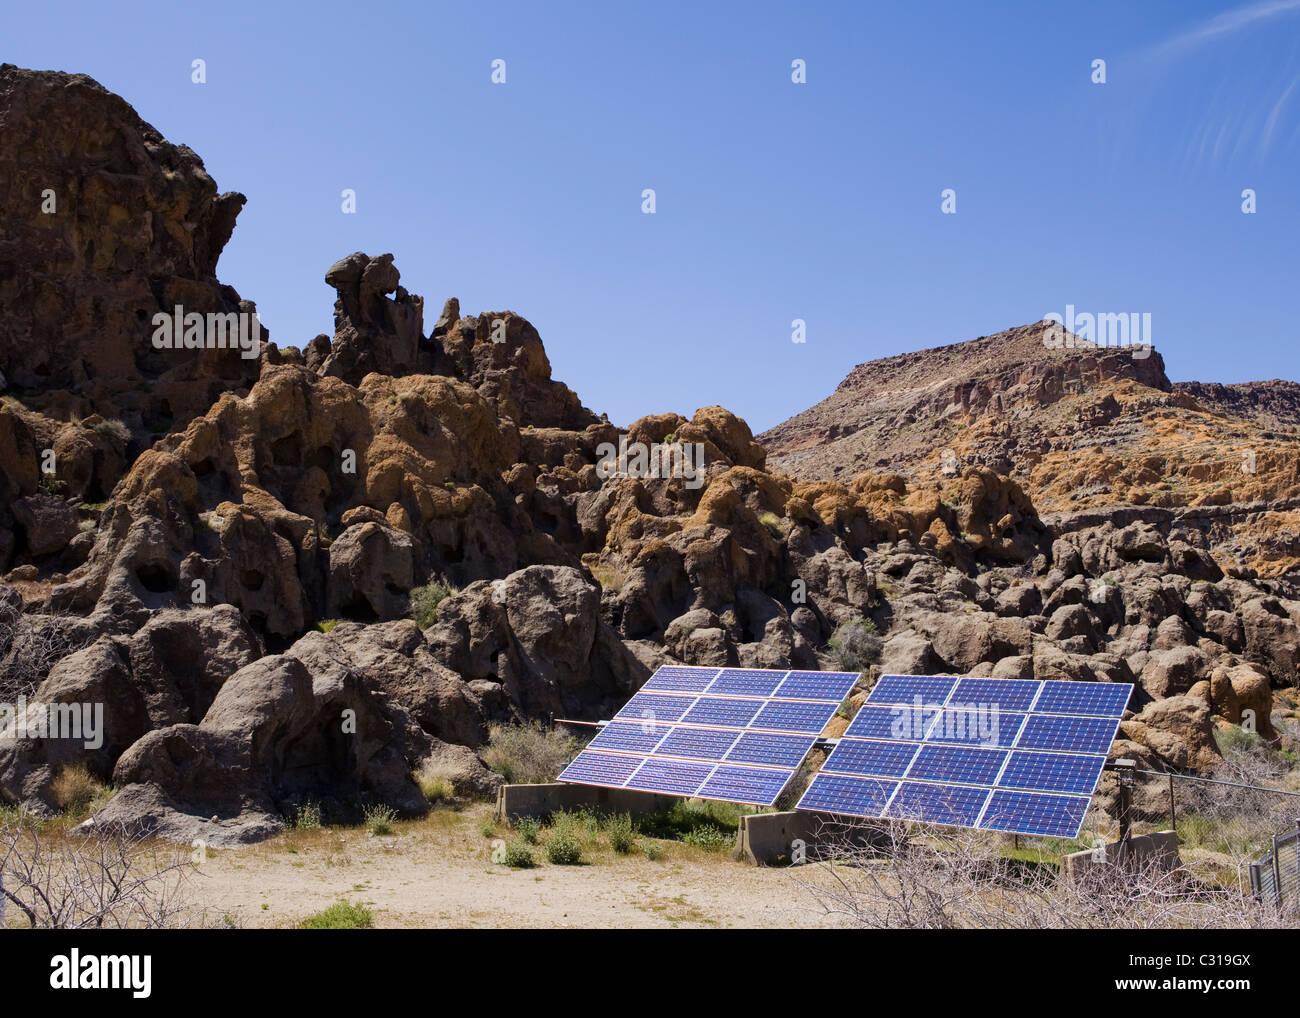 Panel solar contra el paisaje rocoso y blue sky - California EE.UU. Imagen De Stock